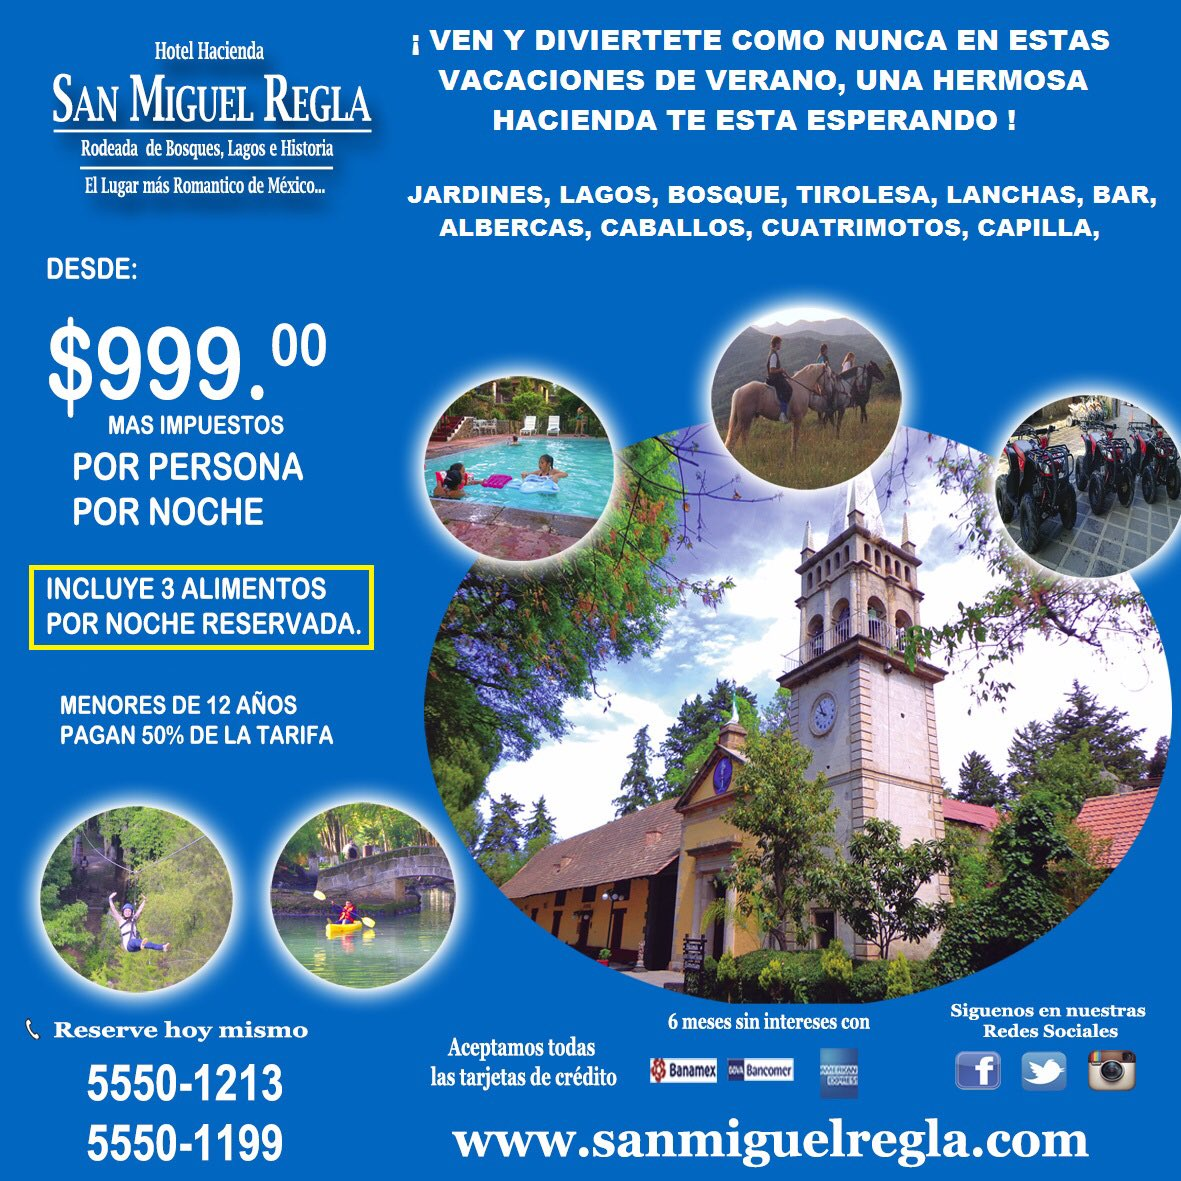 #PuesNadaComo aprovechar nuestra increíble promoción y disfrutar unas inolvidables vacaciones de verano!! #ViveSMR https://t.co/unleCM56Jg